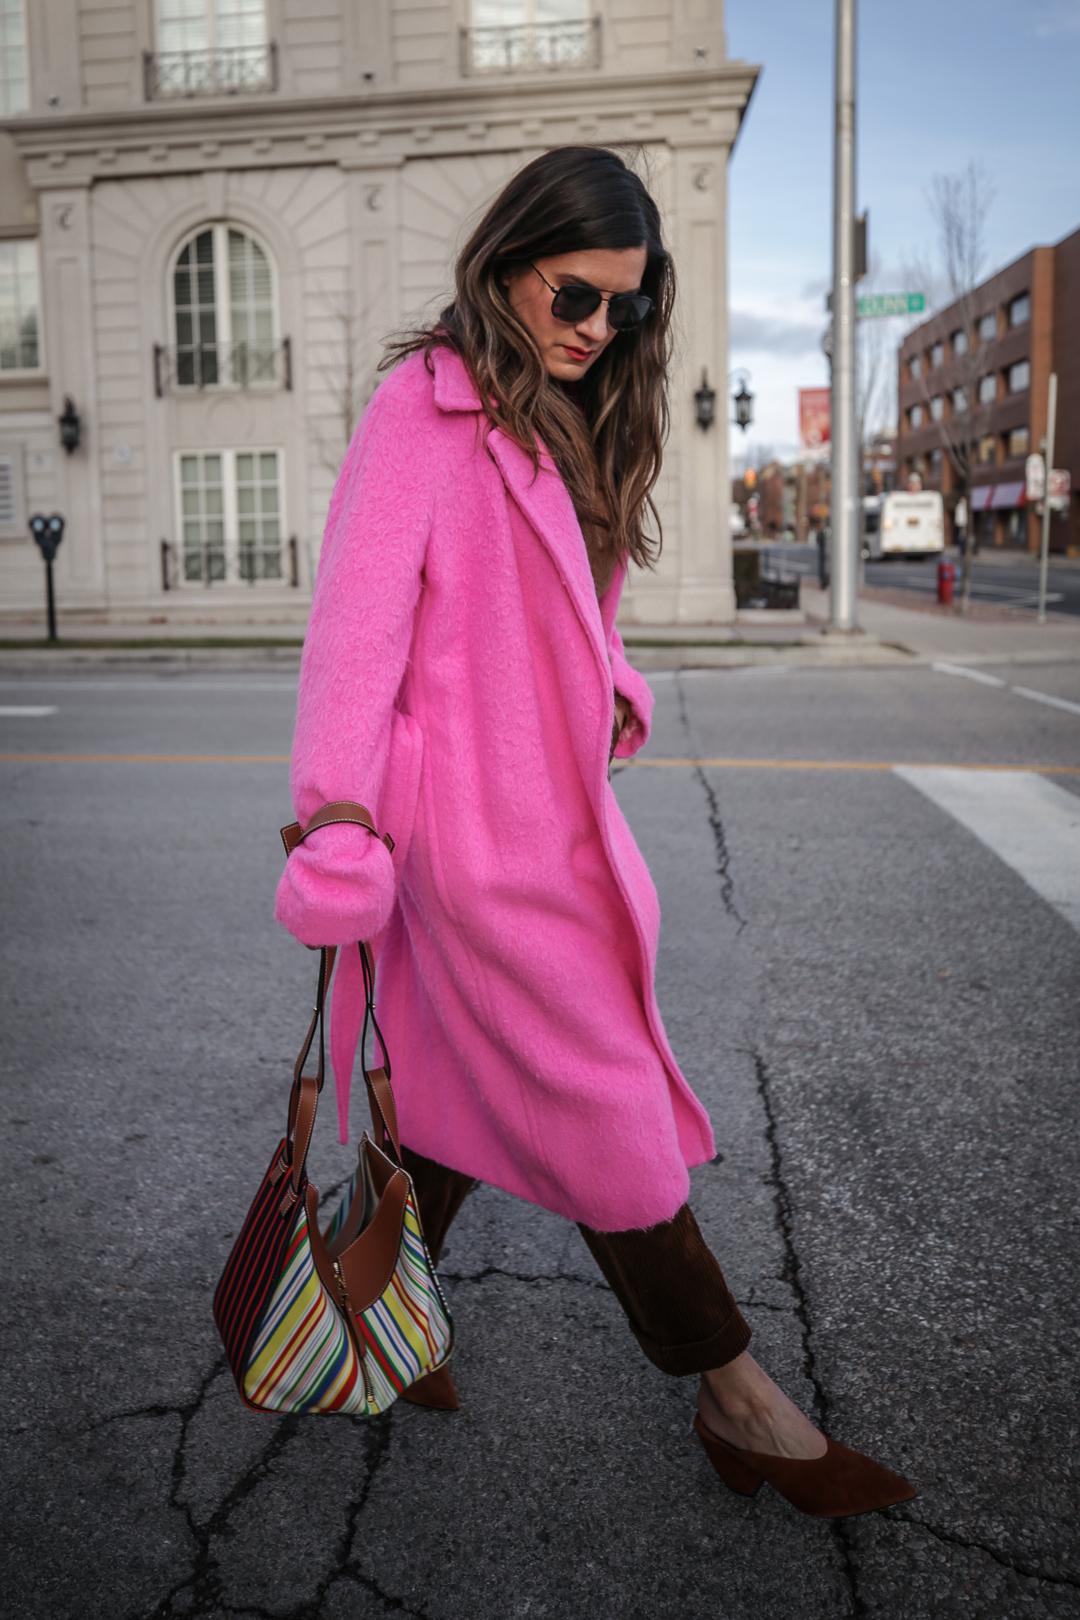 Nathalie Martin wearing Helmut Lang pink belt tie wool coat, brown corduroy pants, Zara brown textured sweater, Prada brown suede mules, Loewe striped Hammock bag, Bonlook Class sunglasses, street style, woahstyle.com_5151.jpg